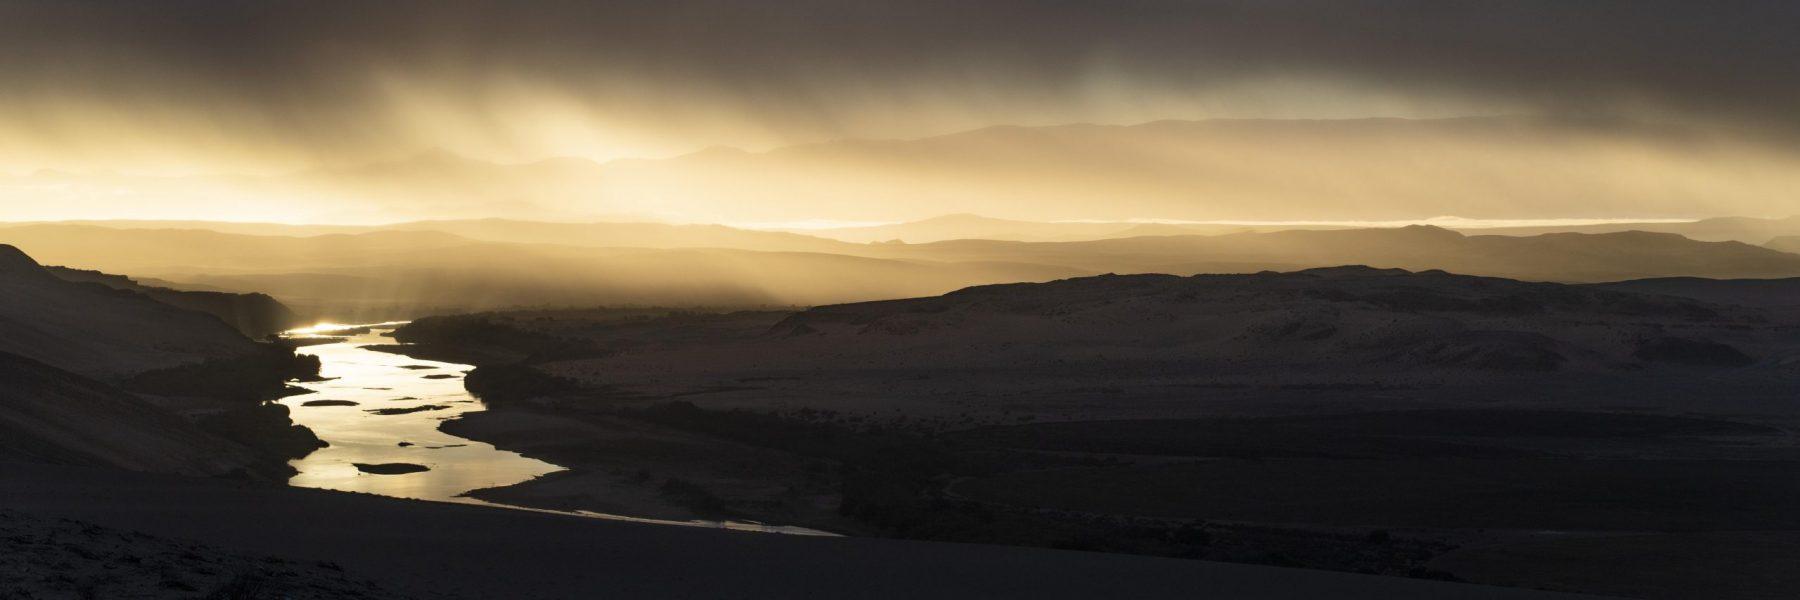 Gewitter über dem Orange River (Oranje), an der Grenze zwischen Namibia und Südafrika, Sperrgebiet Nationalpark, auch  Tsau-ǁ Khaeb Nationalpark, Namibia